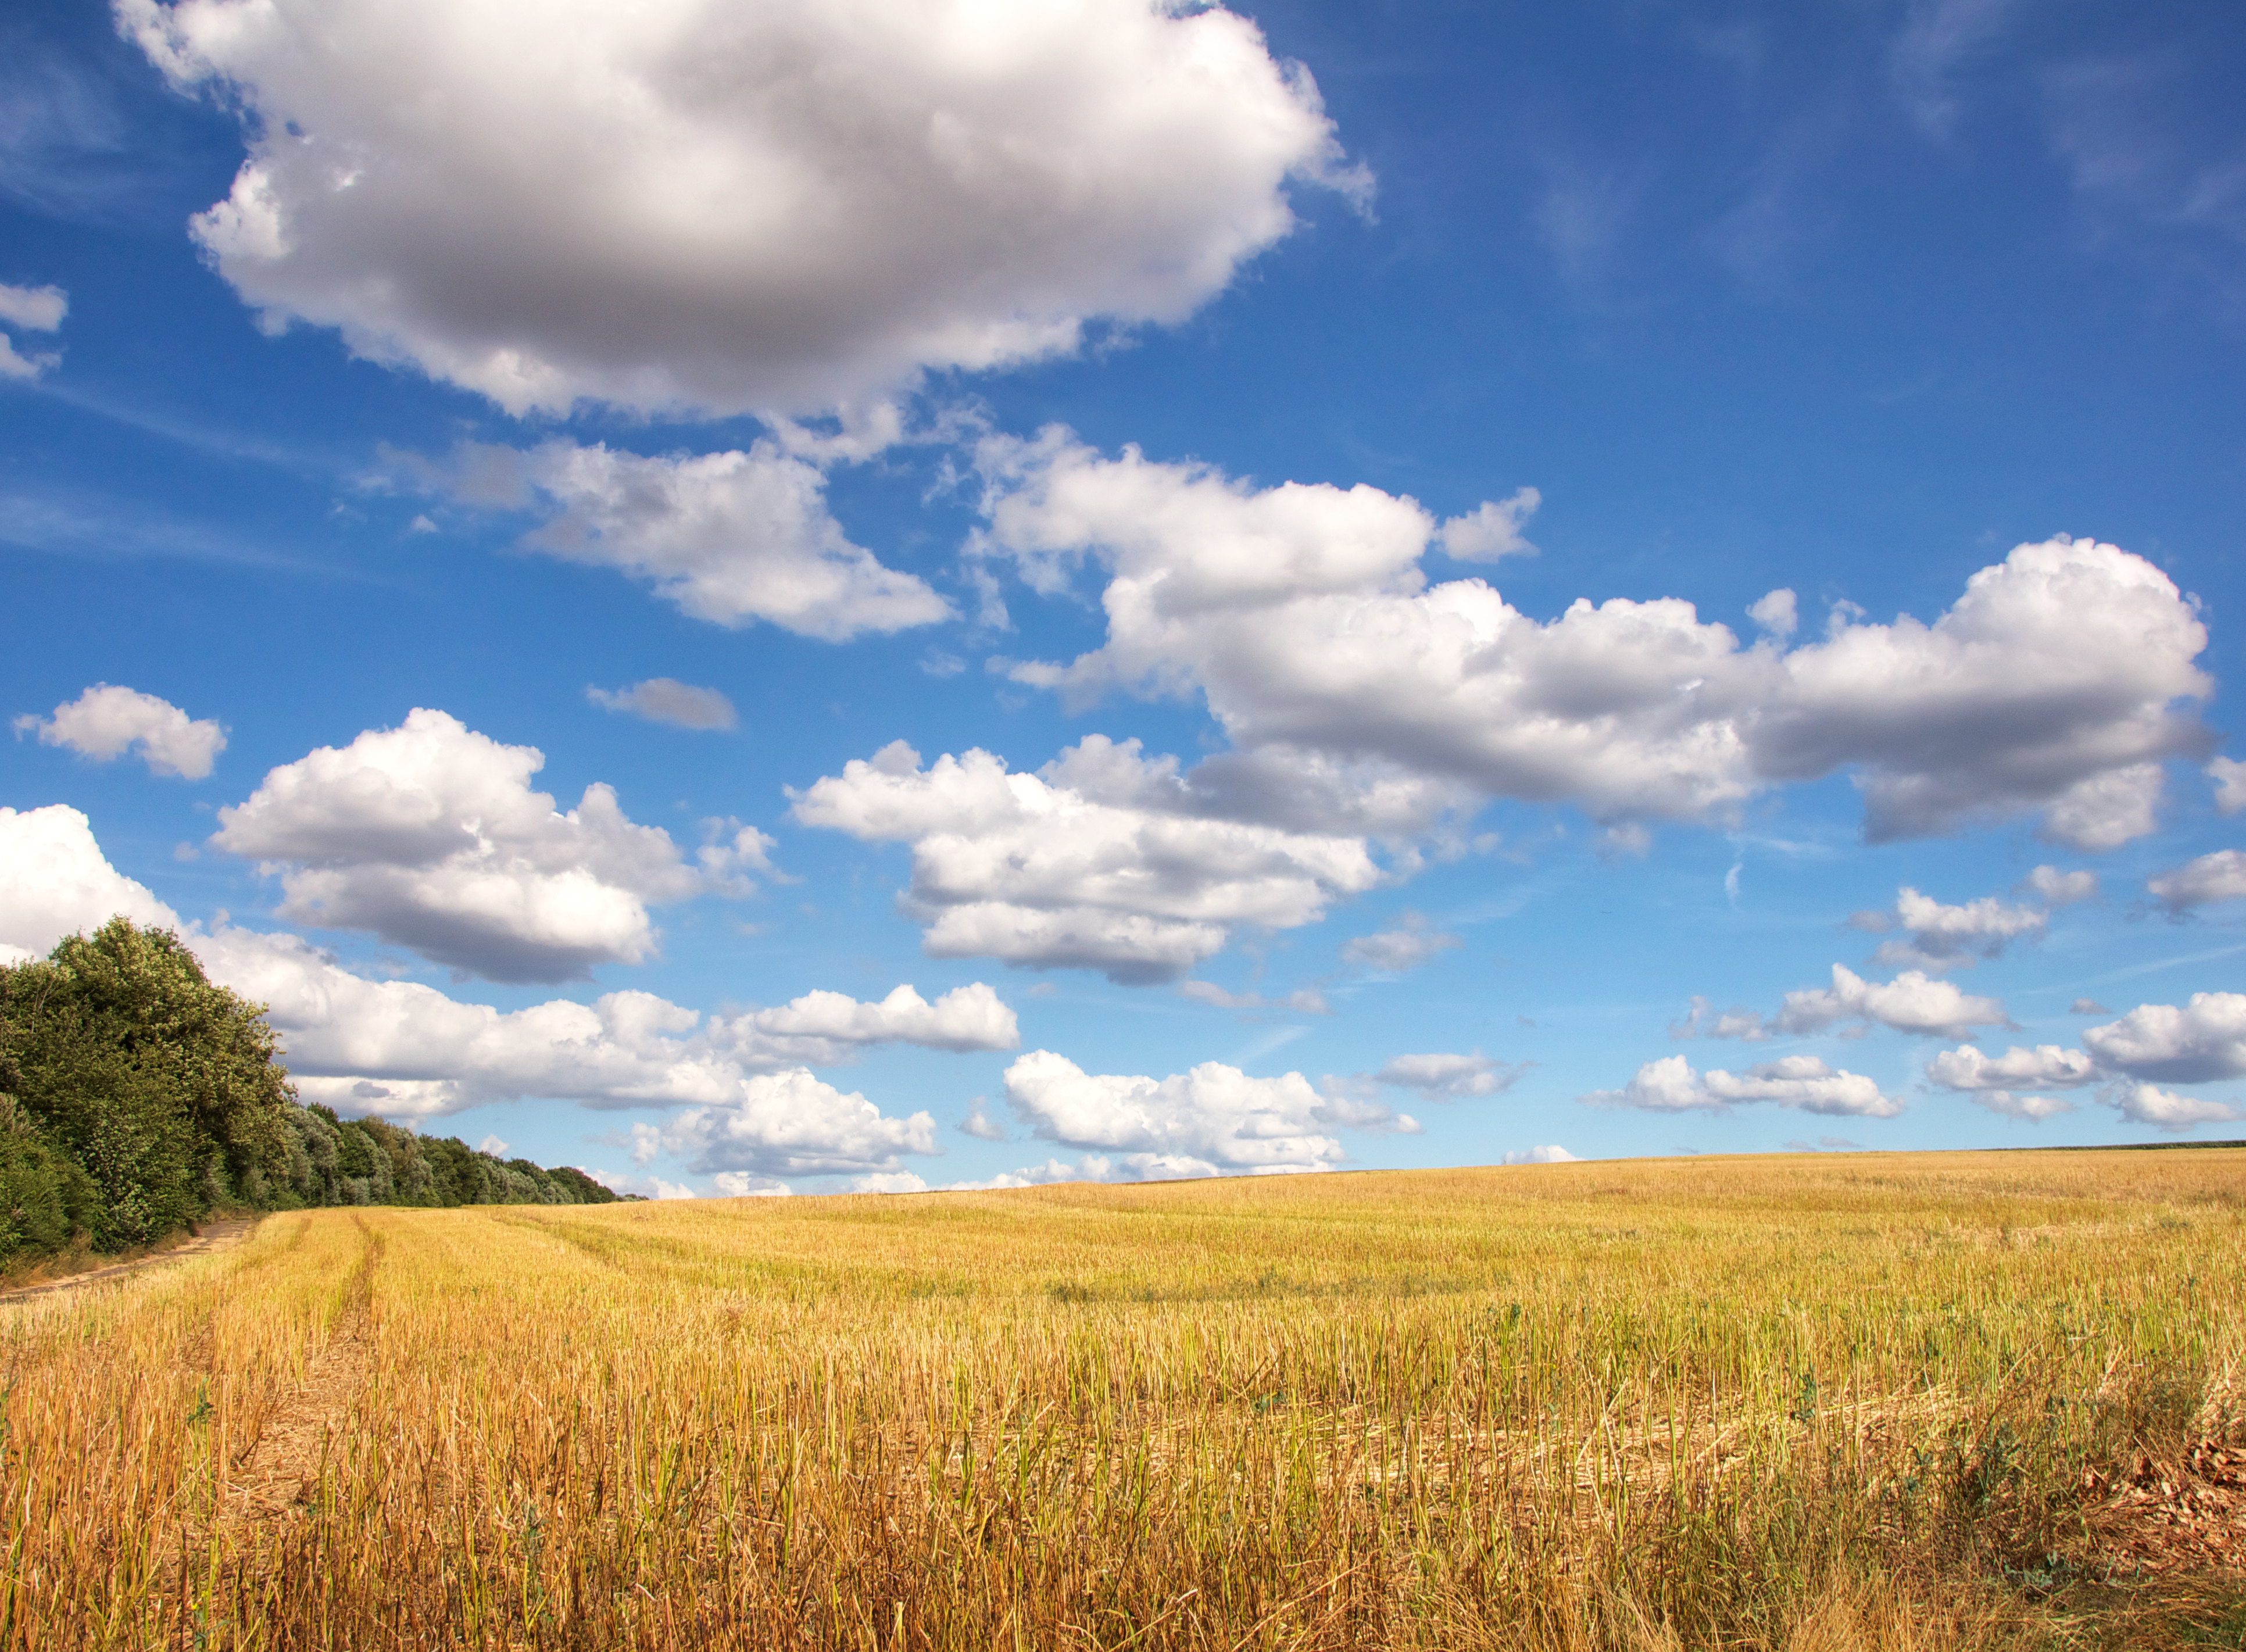 природа облака небо горизонт поле  № 204305 бесплатно